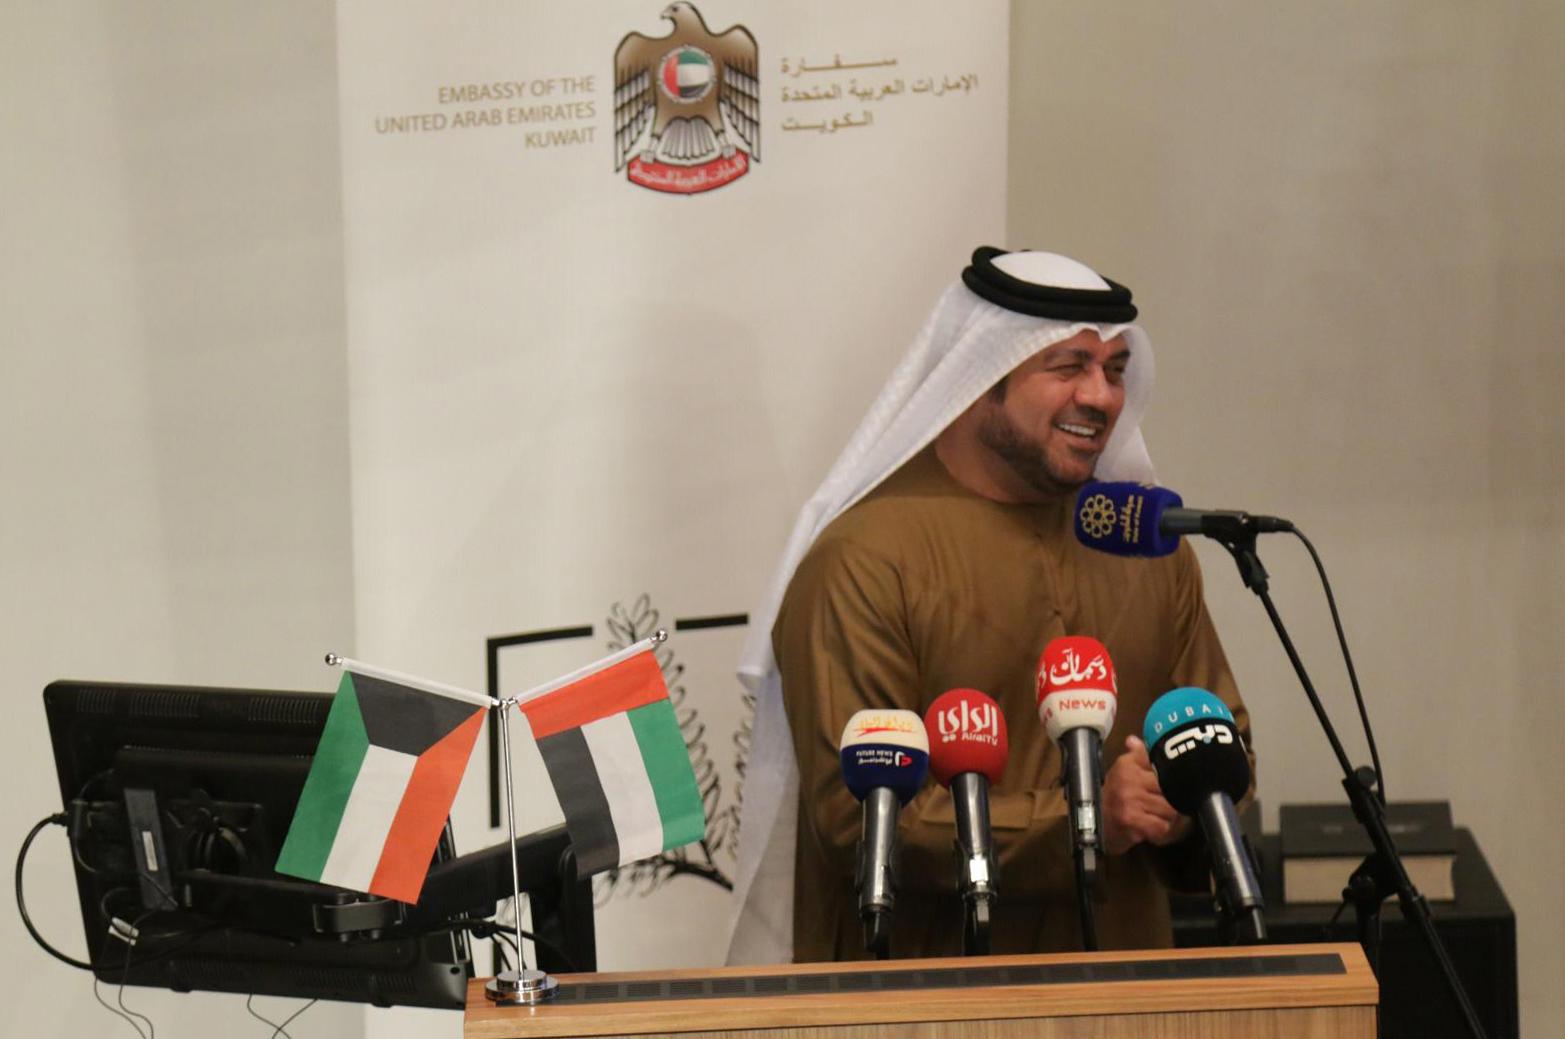 """""""الأرشيف الوطني"""" ينظم معرضا للصور والوثائق تاريخية في الكويت احتفاء باليوم الوطني الـ48 للدولة"""